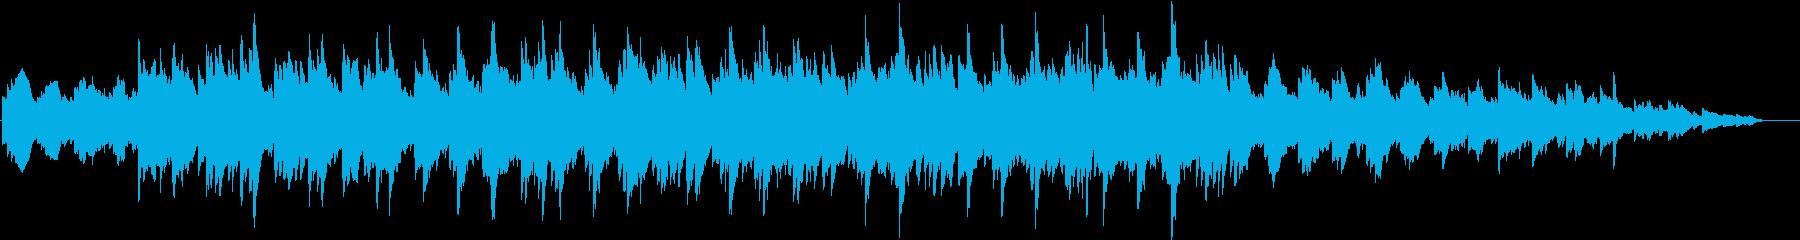 エレクトリックピアノの静かめなジングルの再生済みの波形